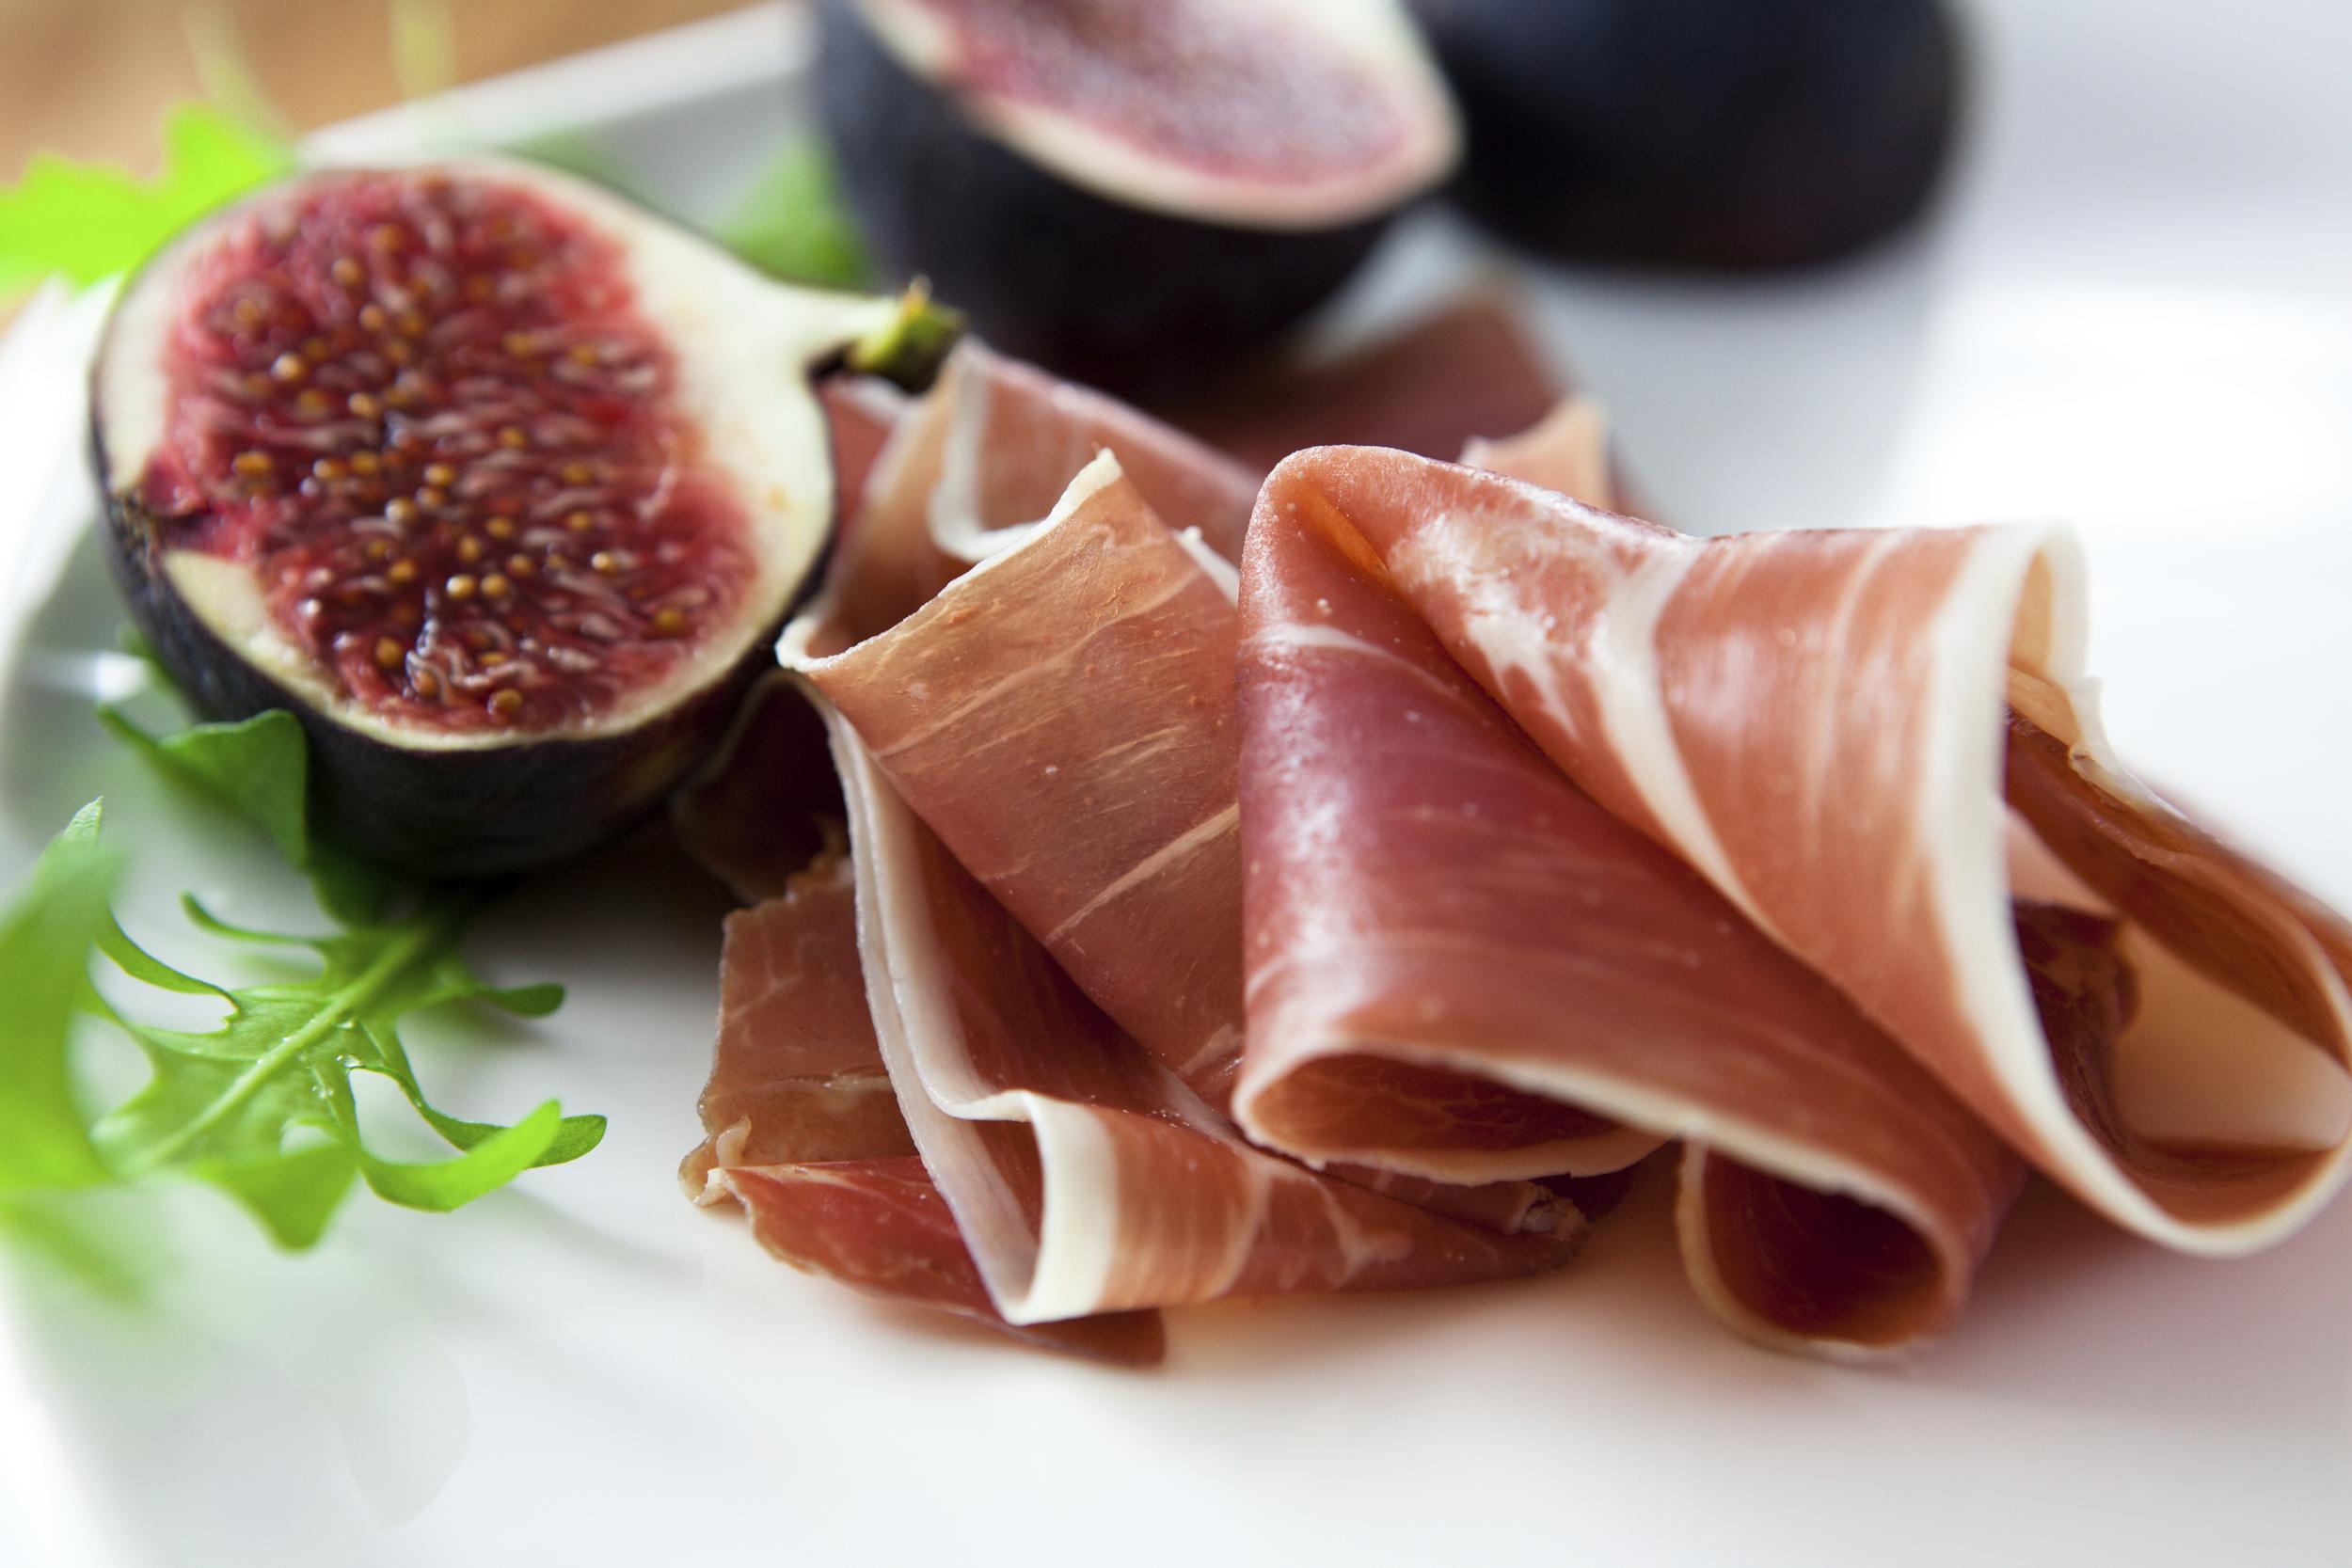 Fresh Fig & Prosciutto Borgo